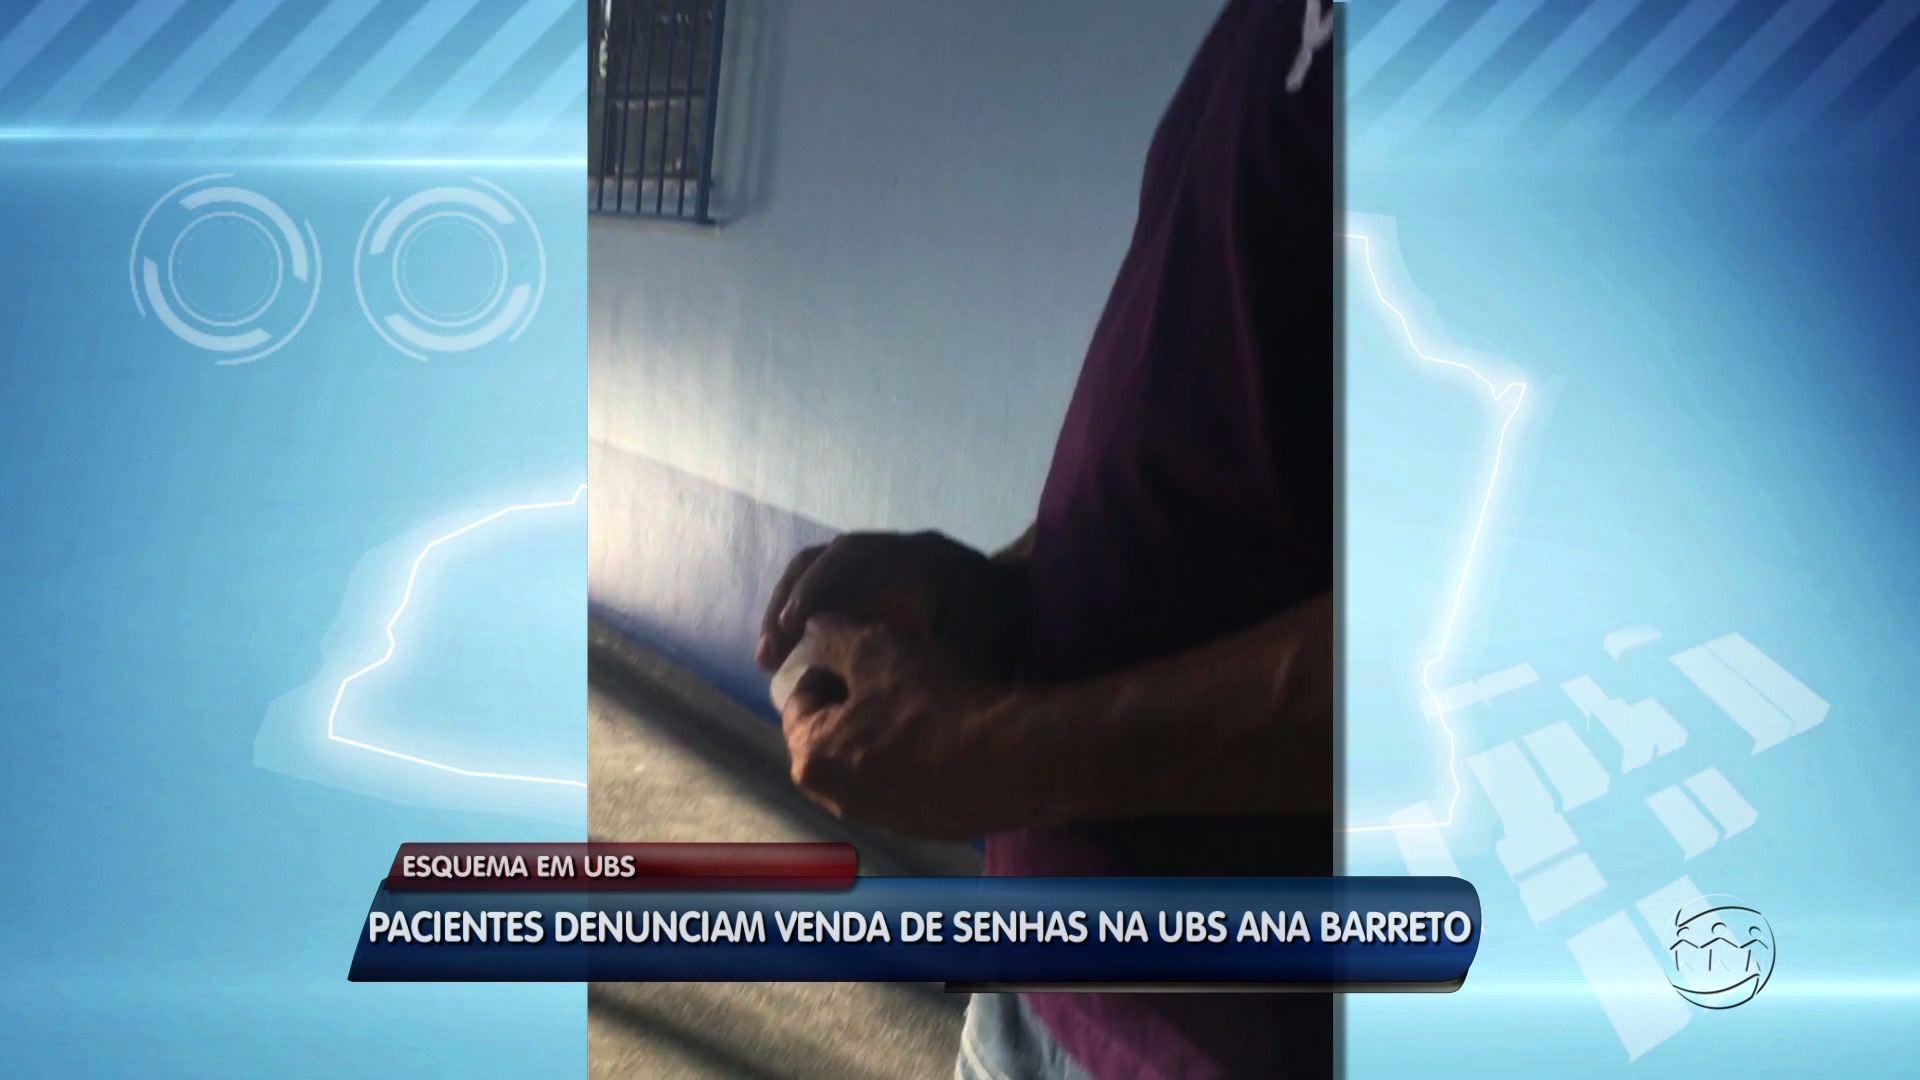 ILEGAL: PACIENTES DENUNCIAM VENDA DE SENHAS EM UBS - ALÔ AMAZONAS - 30/03/2017